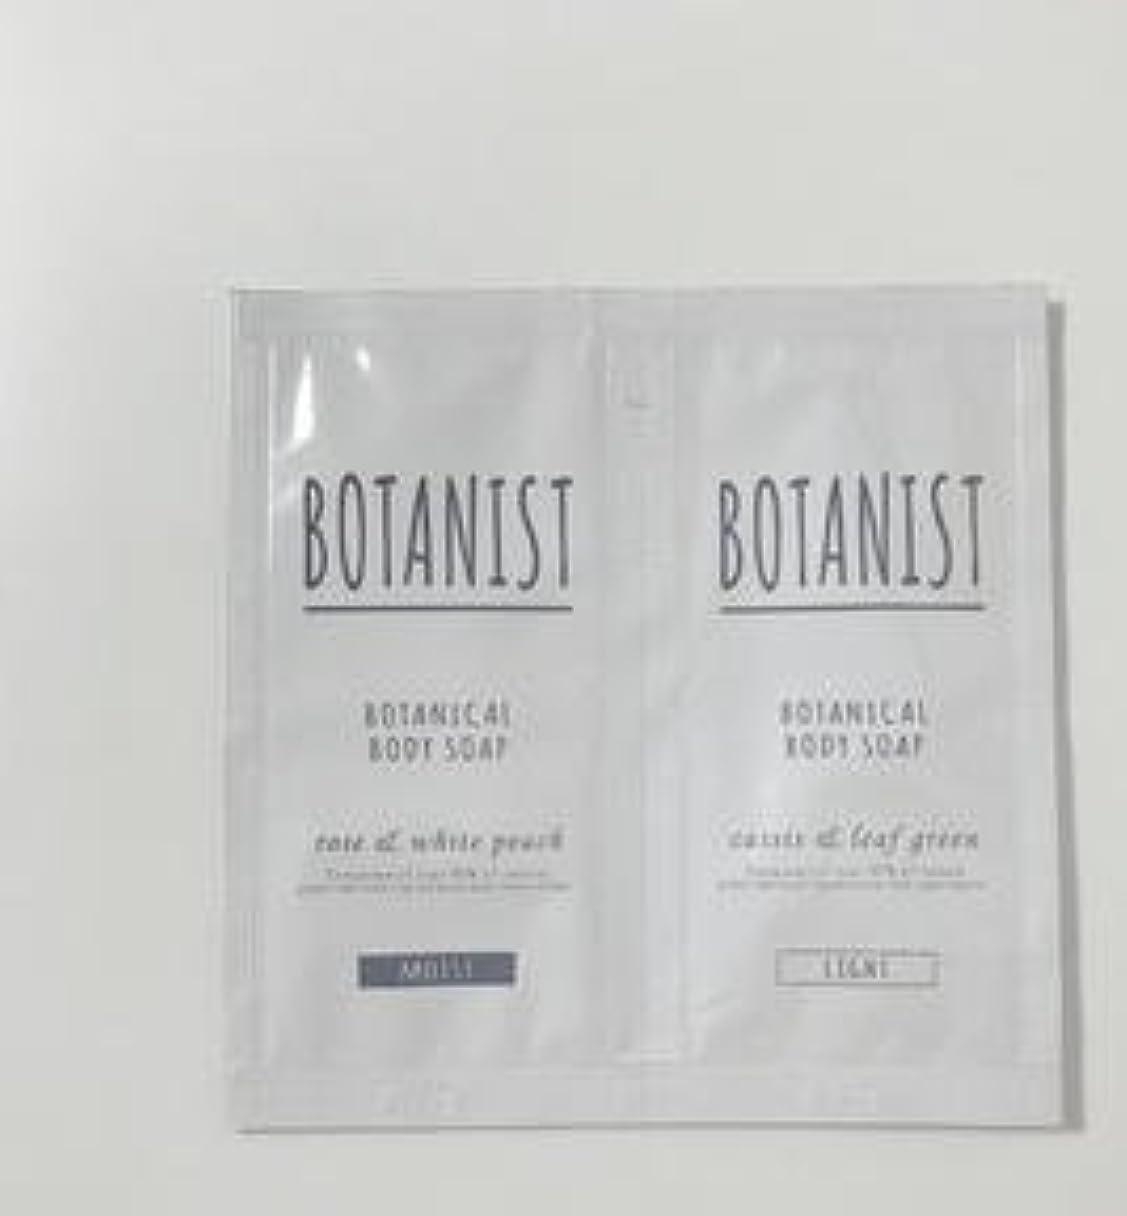 蒸ミシン目悪党BOTANIST ボタニカル ボディーソープ ライト&モイスト トライアルセット 8ml×2 (ライト&モイスト, 1個)